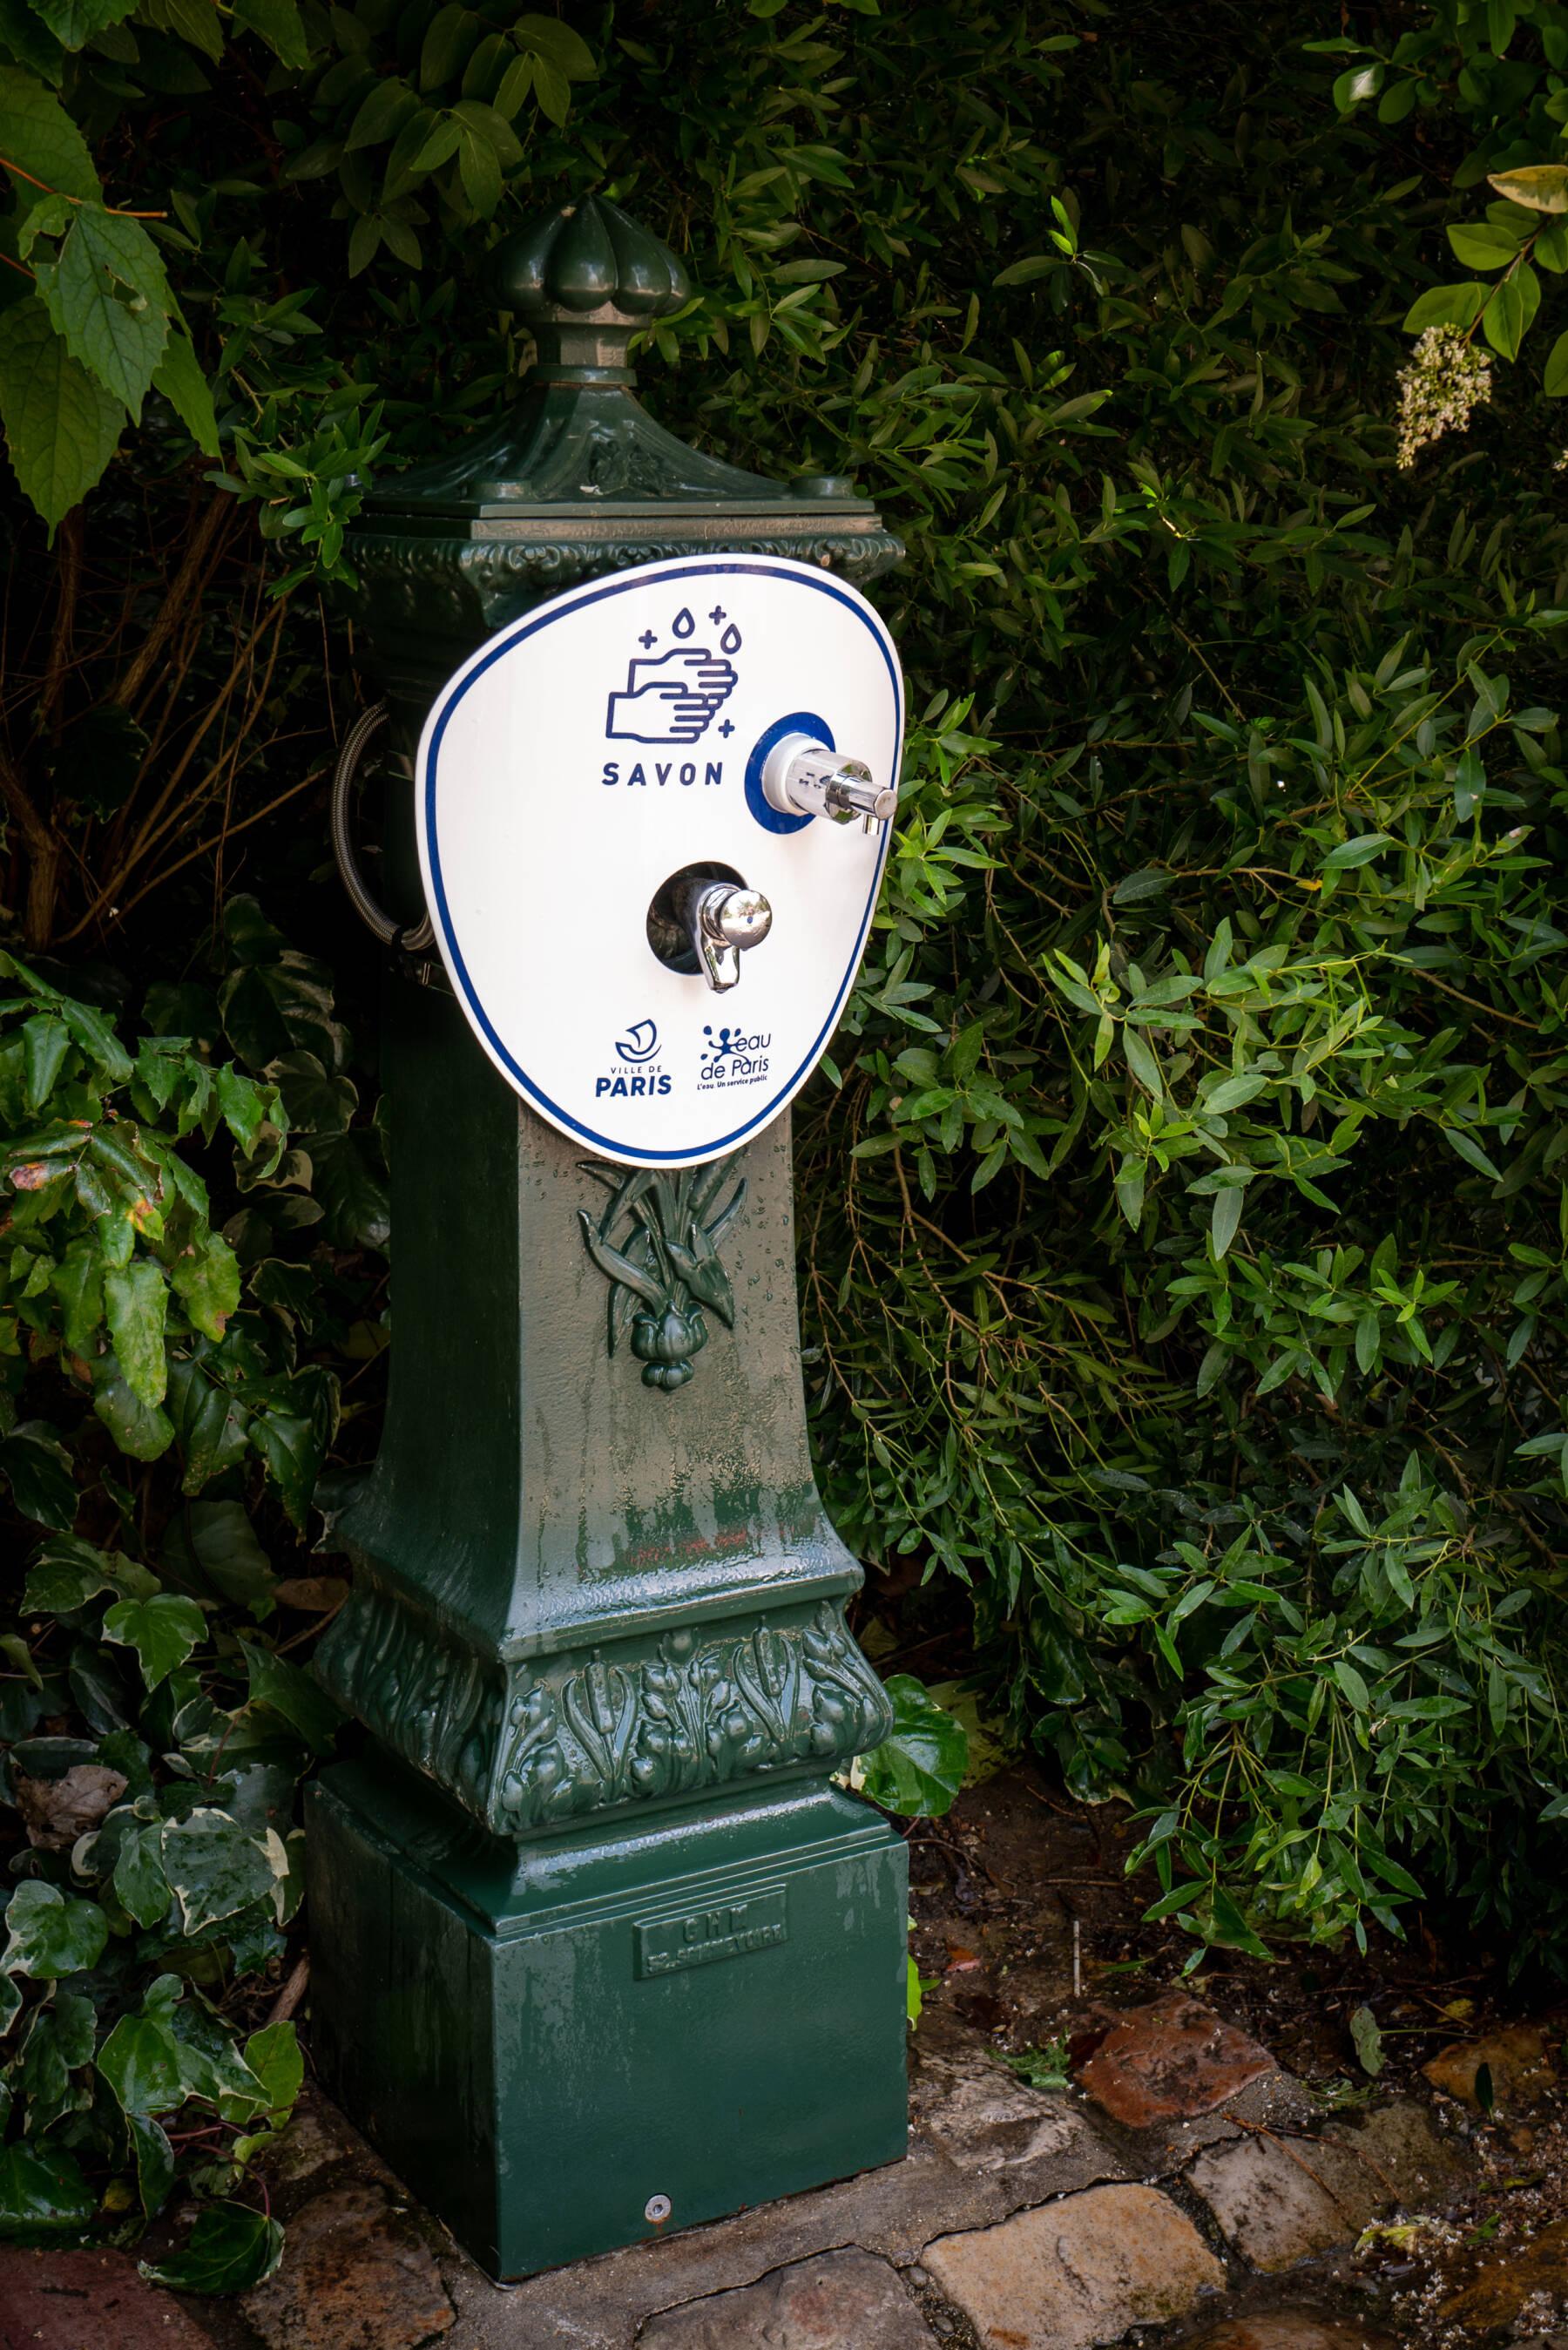 Distributeur de savon public © Laurent Teyssier Collectif CLEF